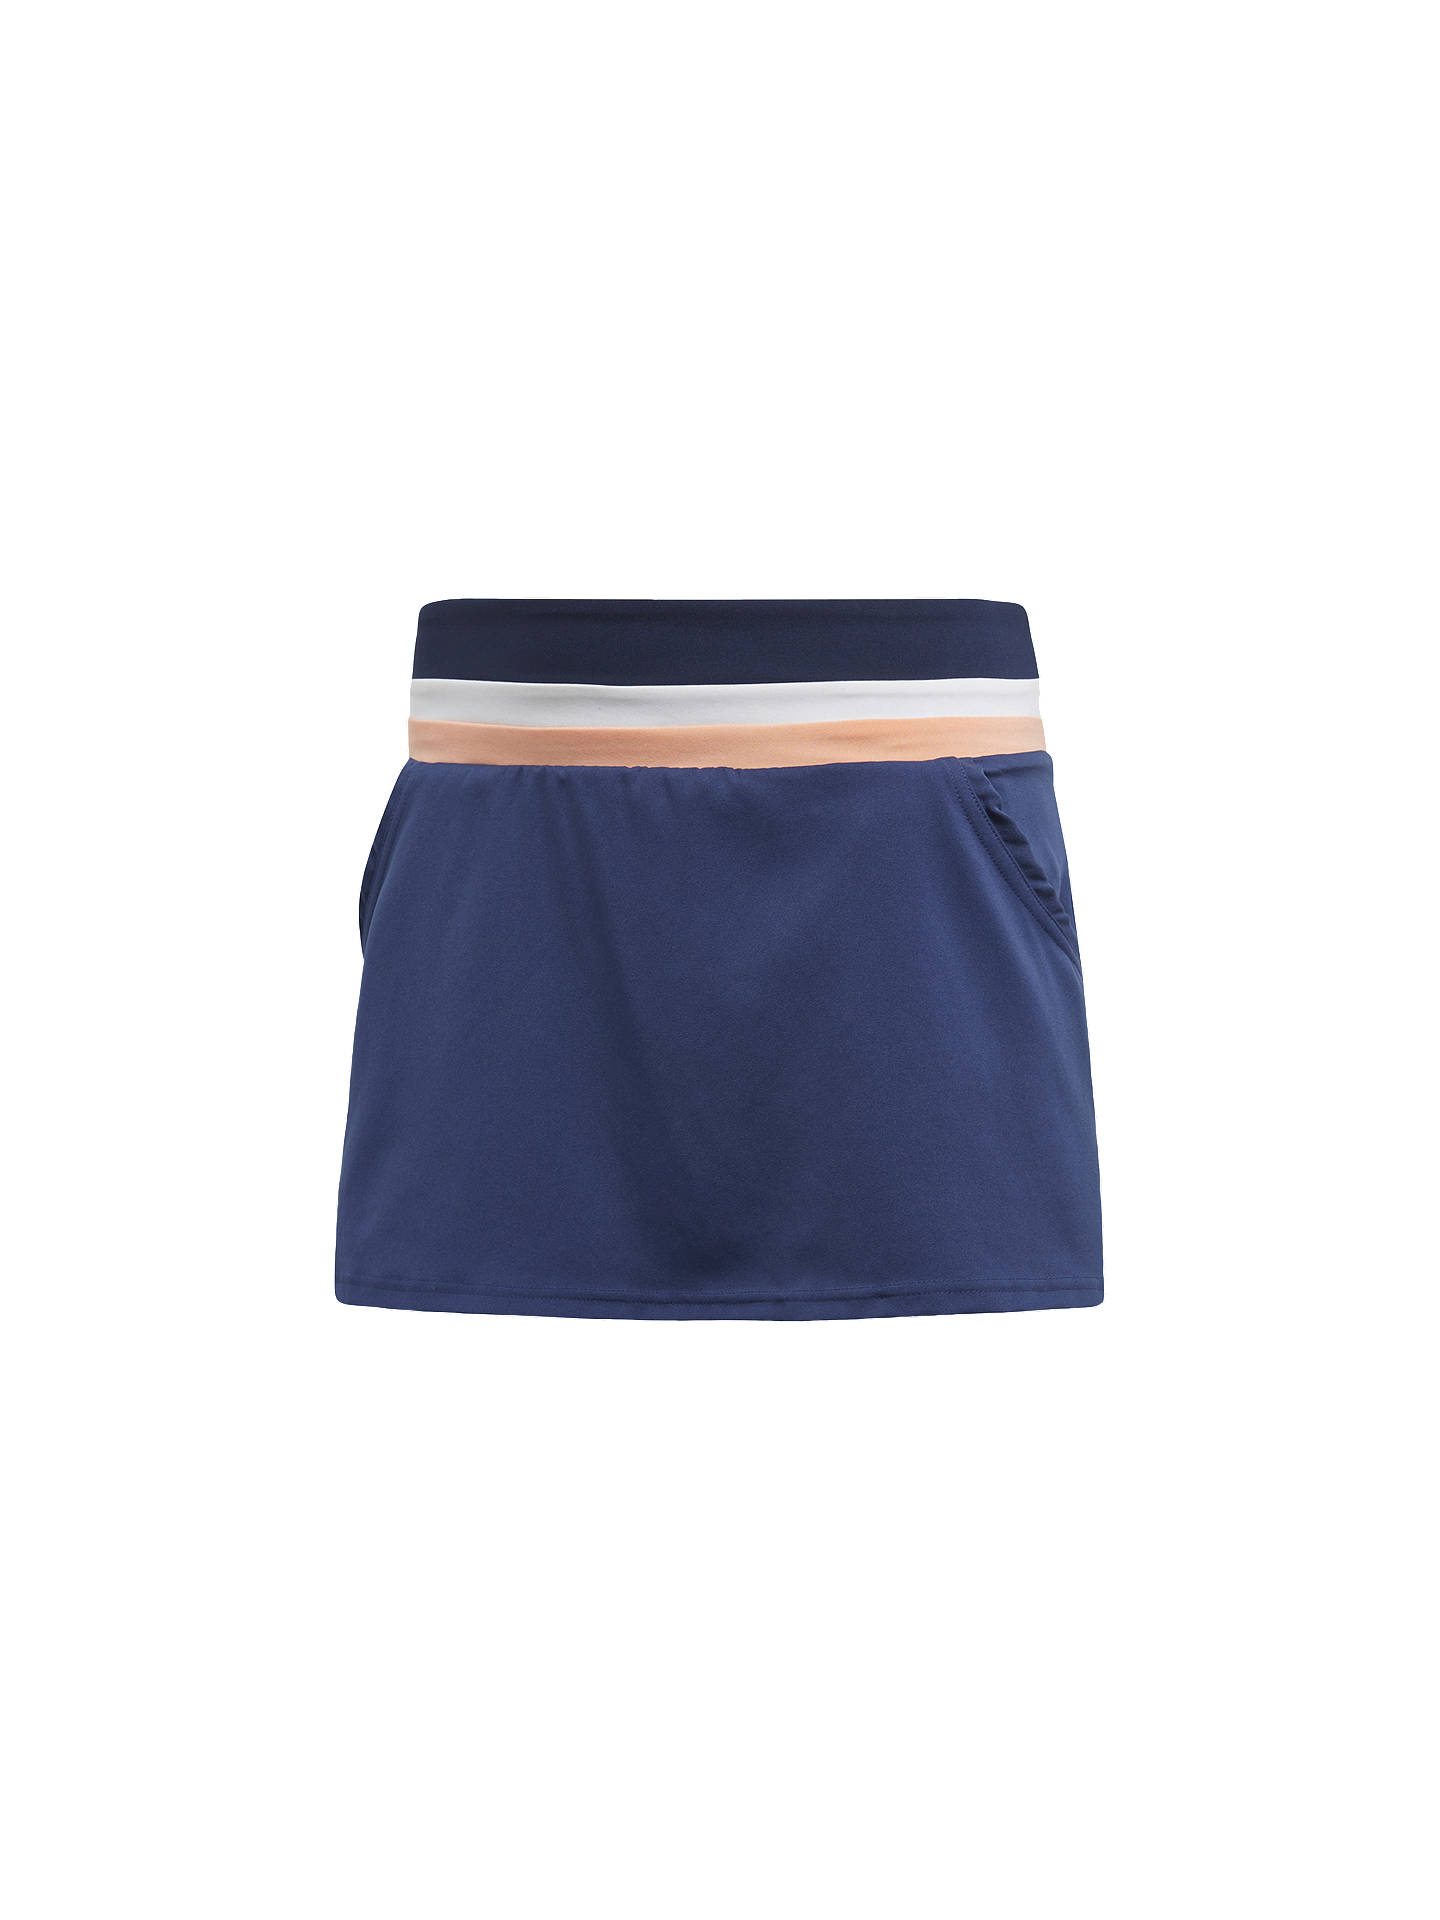 1ba0b666e0b14 Buy adidas Club Tennis Skirt